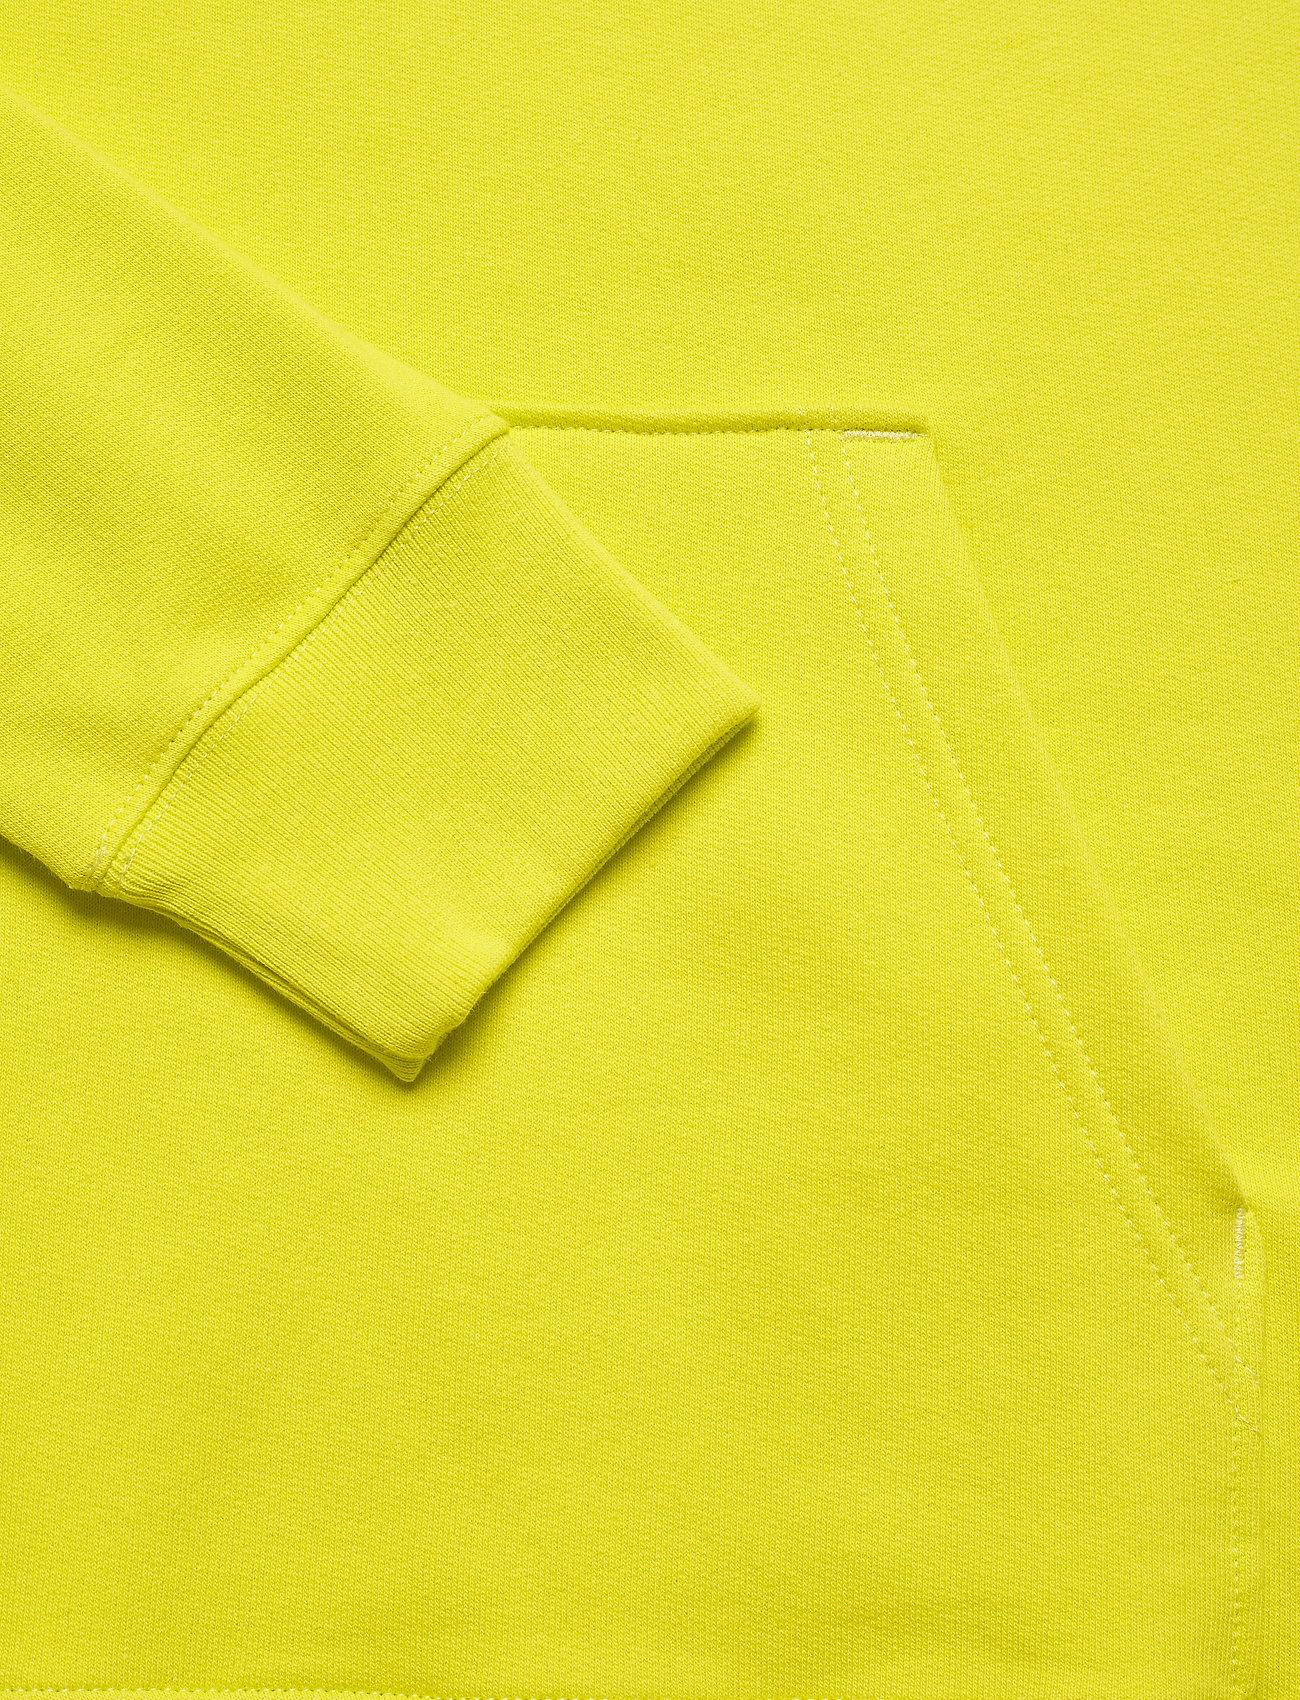 Vans Classic Po Hoodie Ii - Sweatshirts Sulphur Spring/asphalt